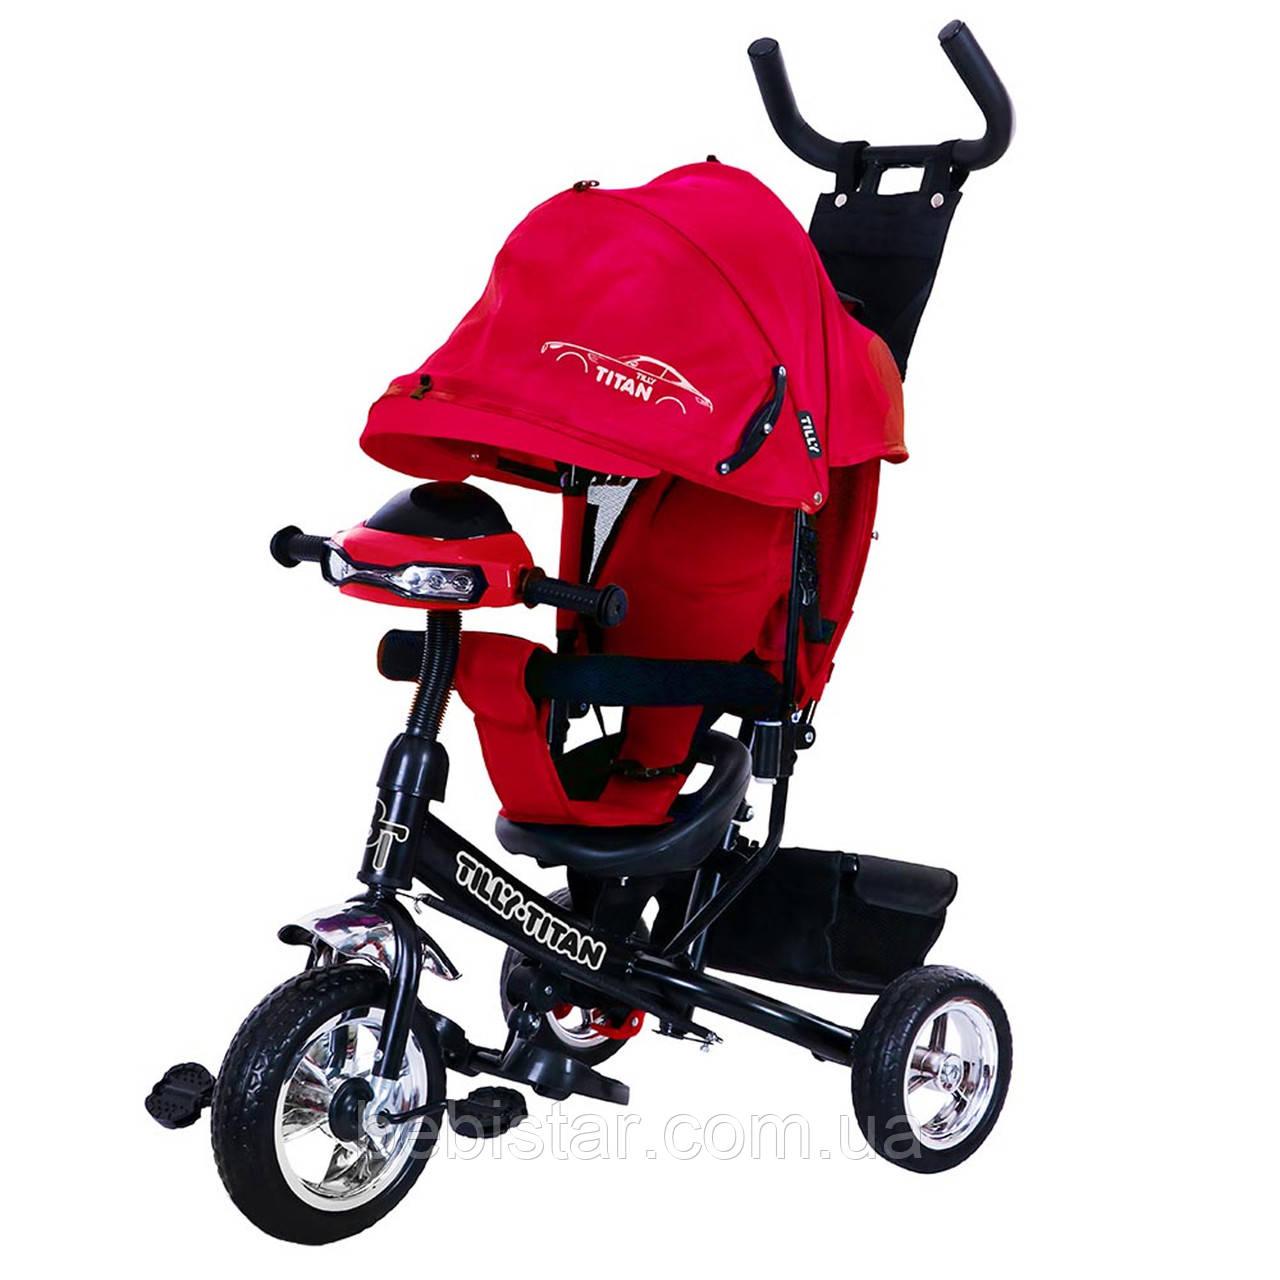 Трехколесный велосипед красный TILLY TITAN T-348 музыка и свет